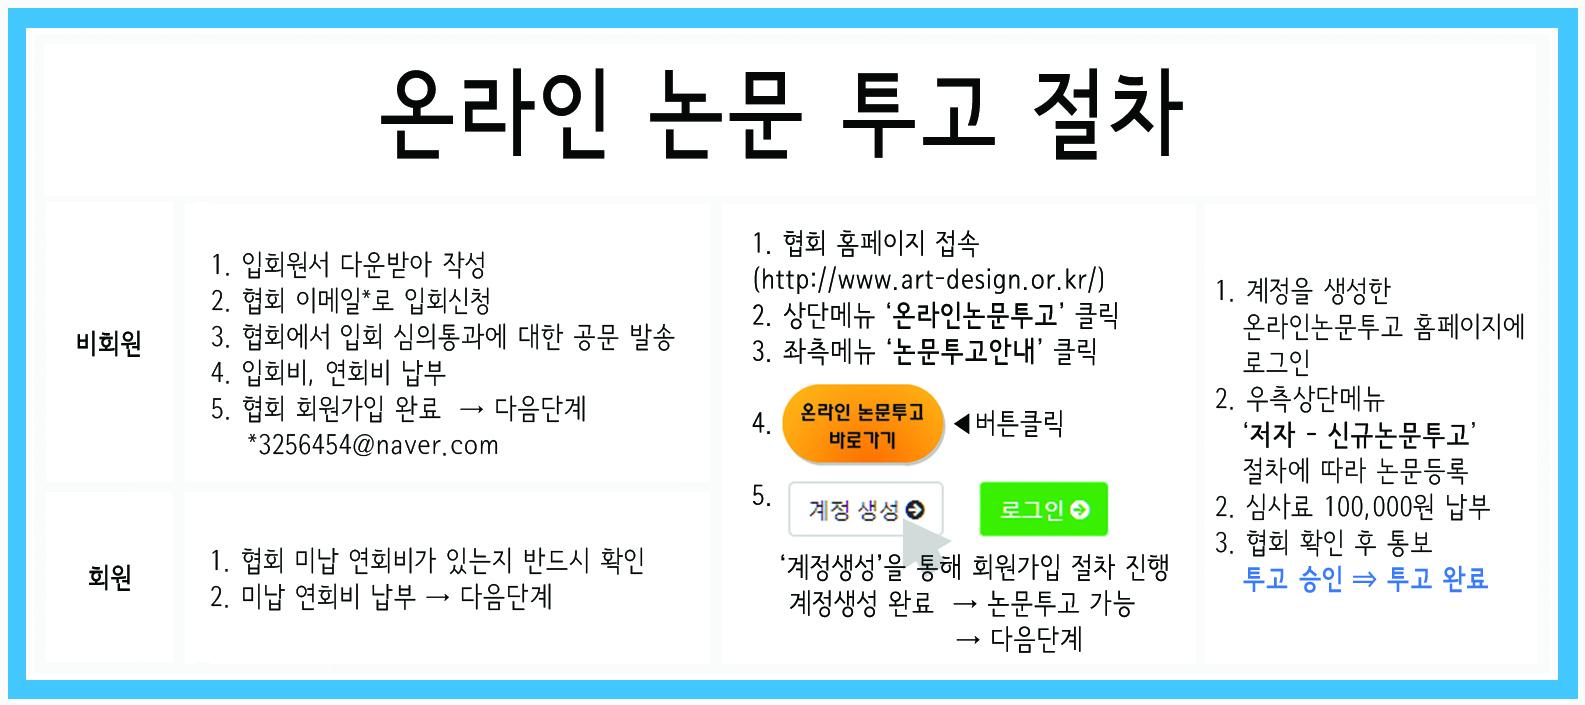 온라인투고안내.jpg